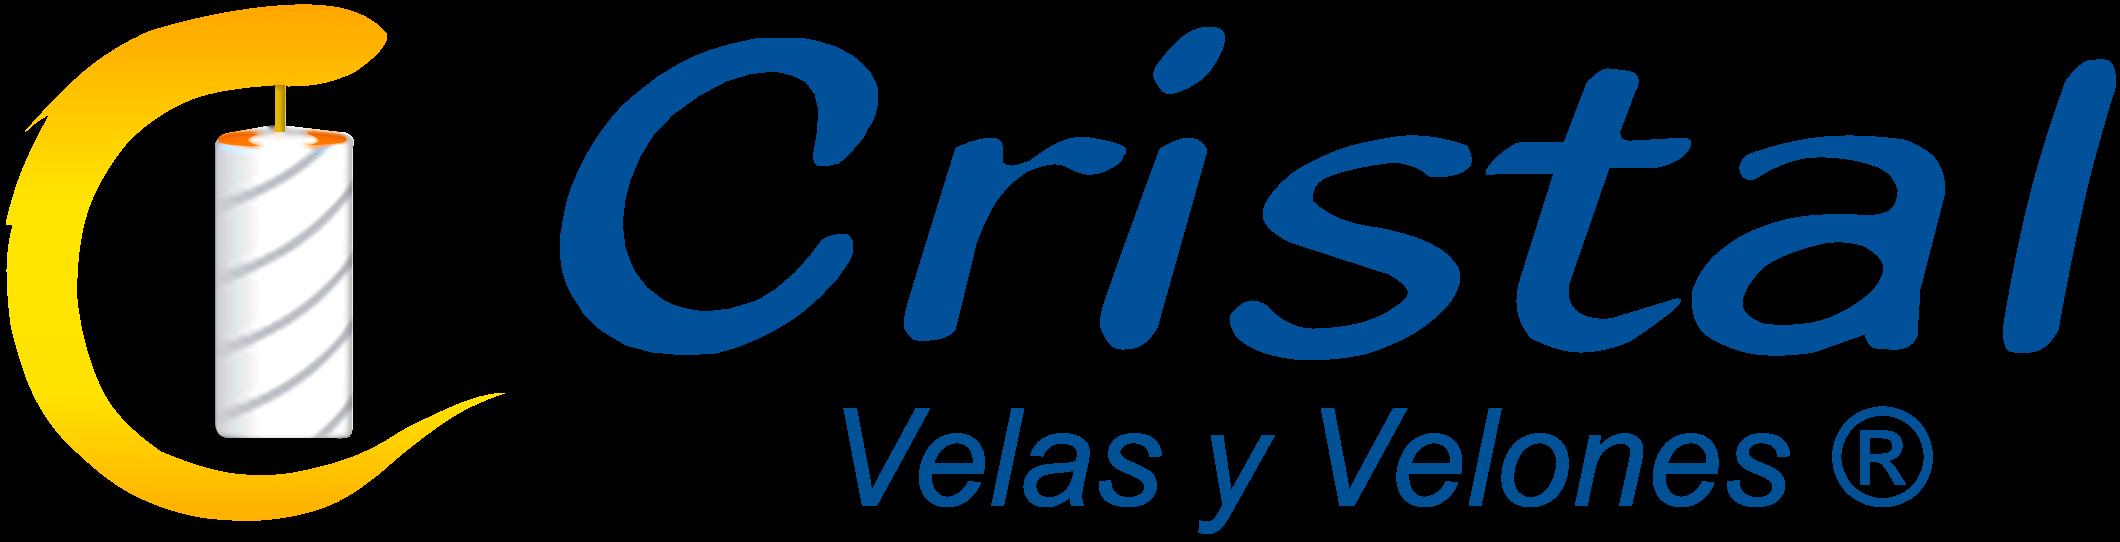 Velones Cristal